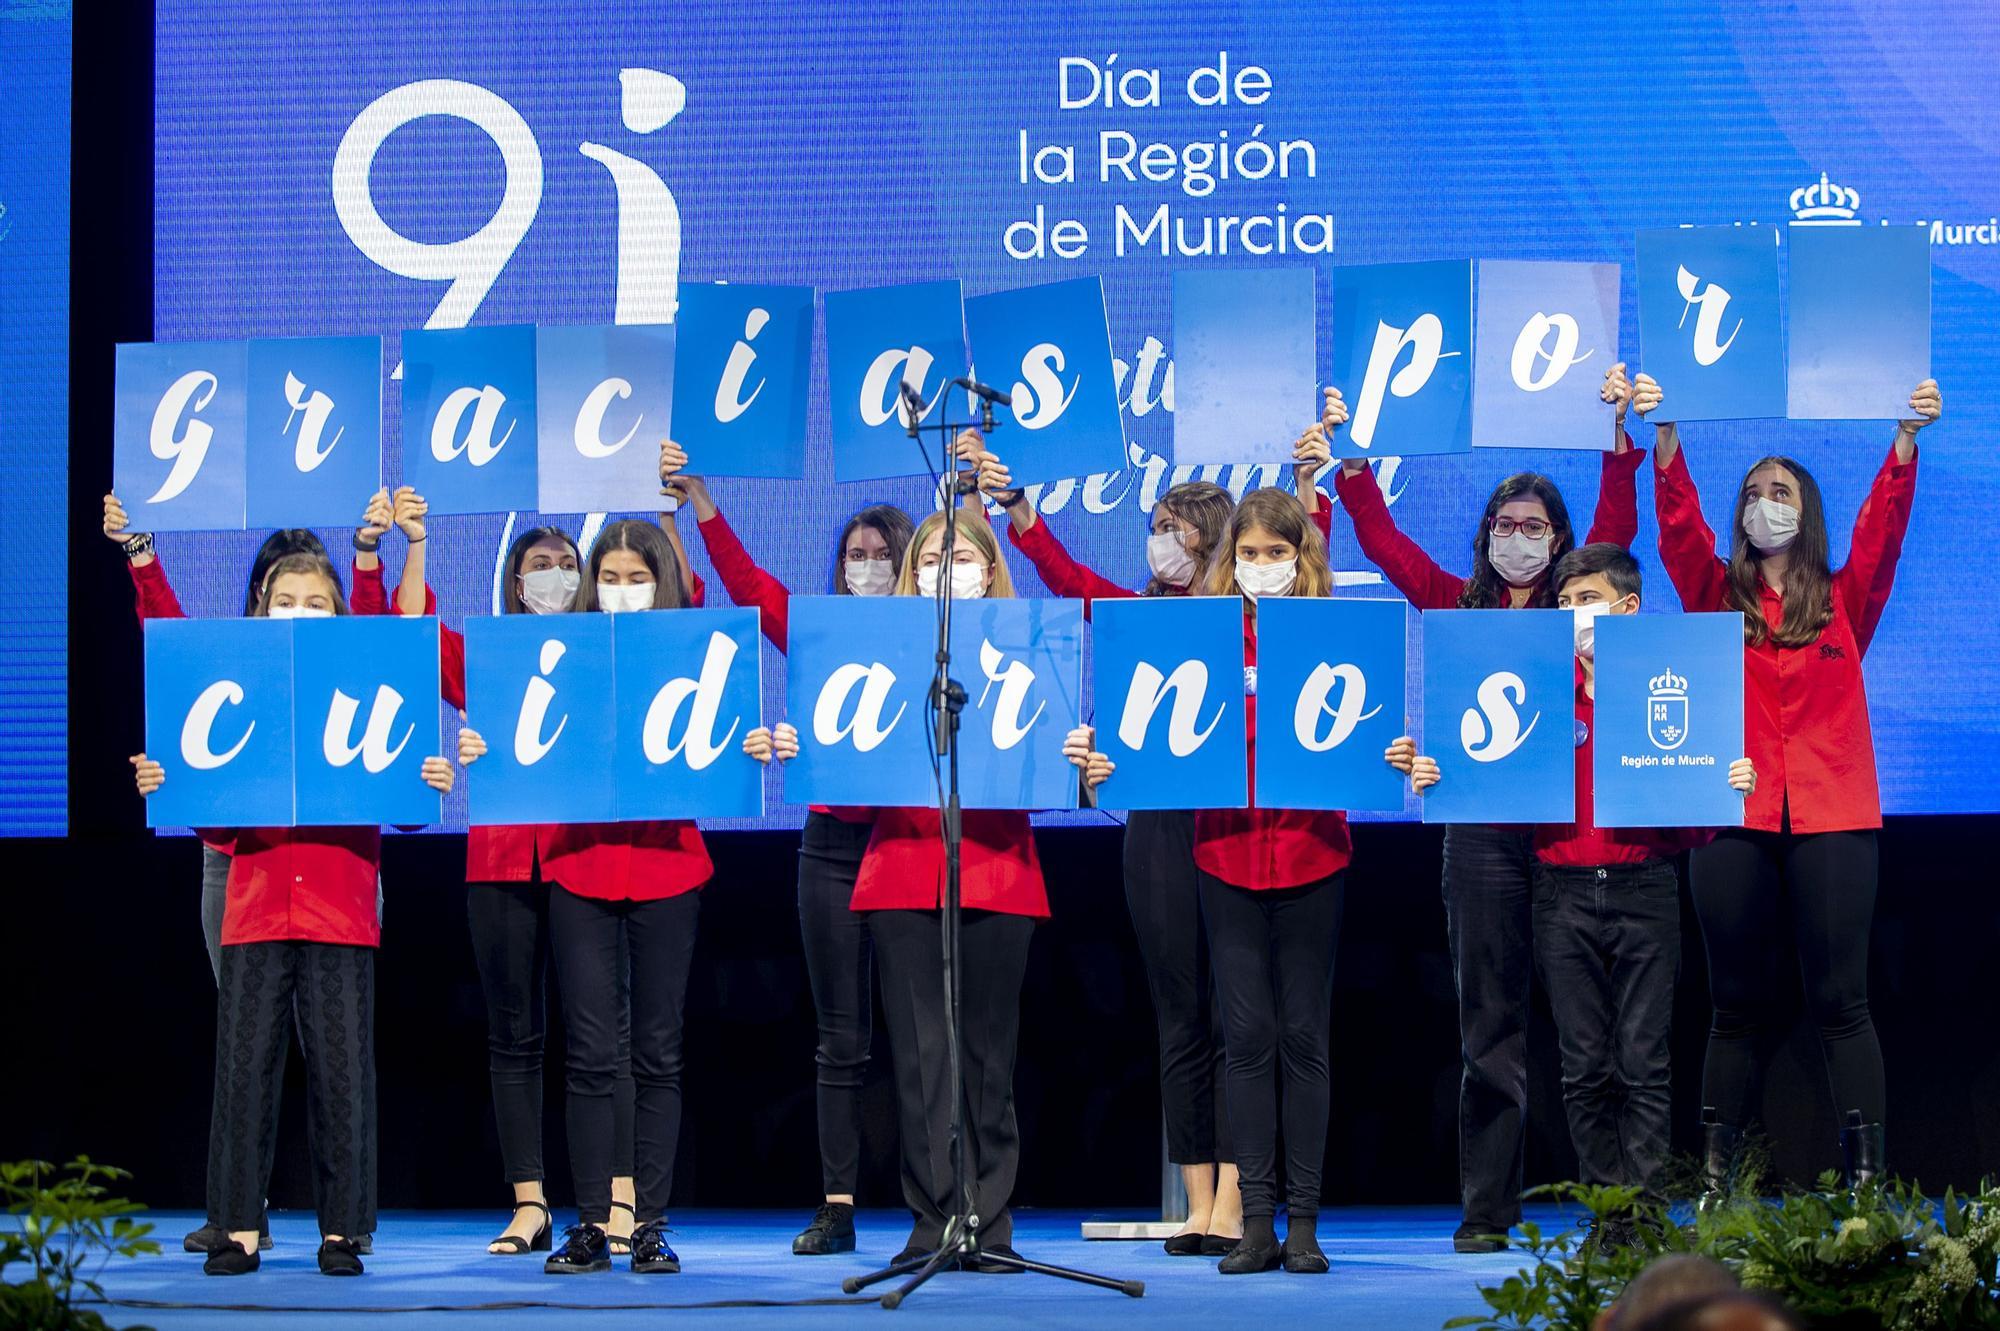 Acto institucional del Día de la Región